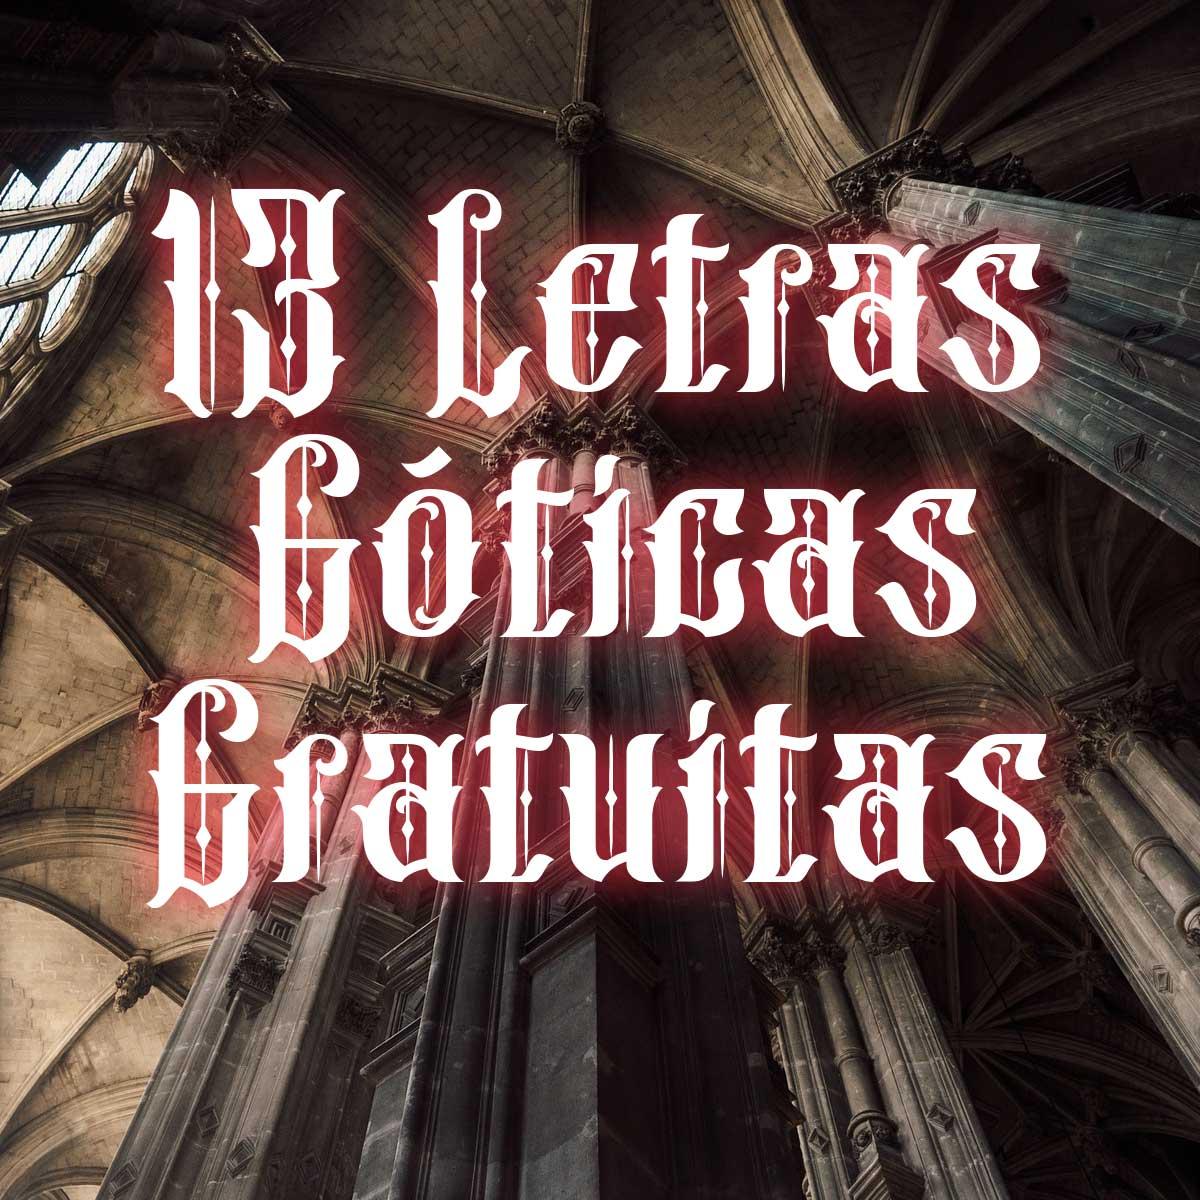 Letras góticas gratuitas para descargar.